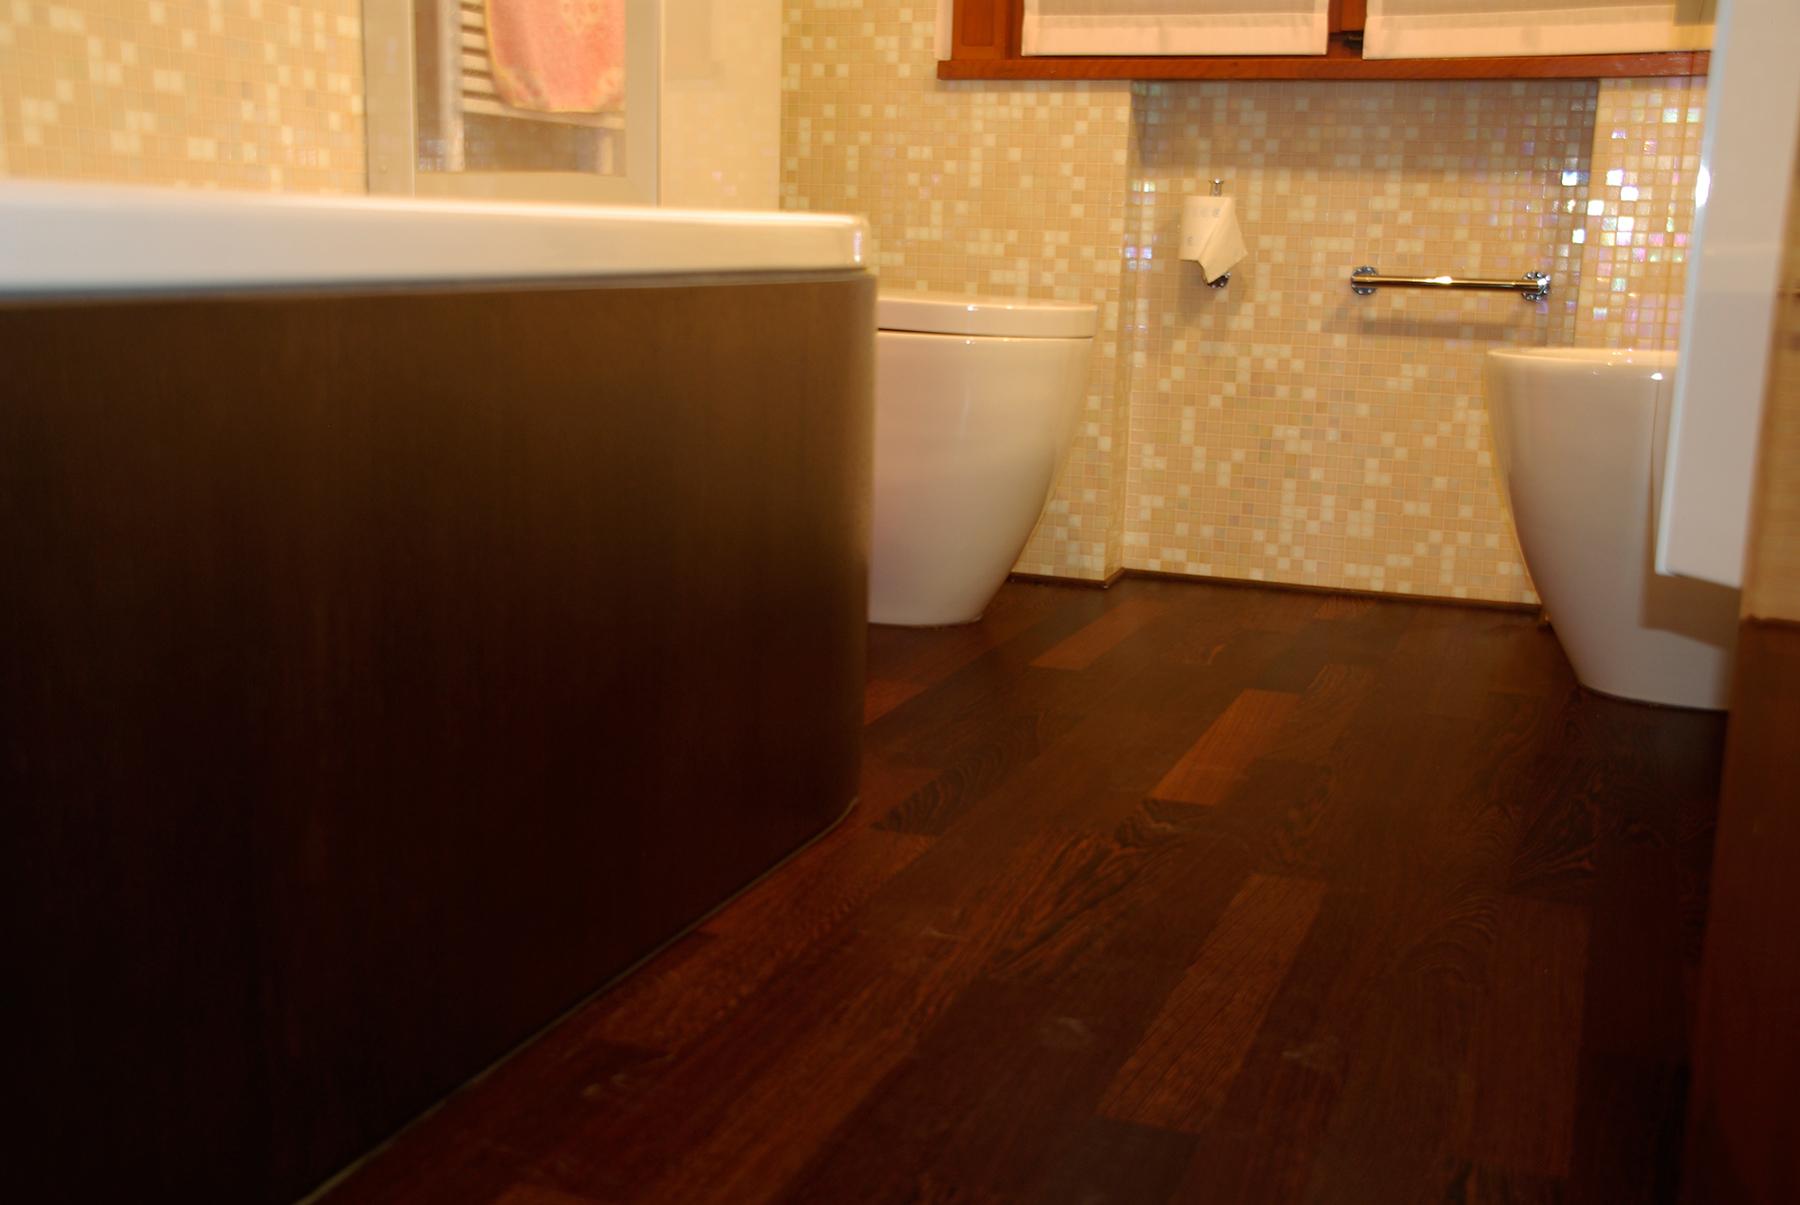 Vintage gazzotti il parquet bello e resistente anche in bagno gazzotti - Parquet in bagno ...